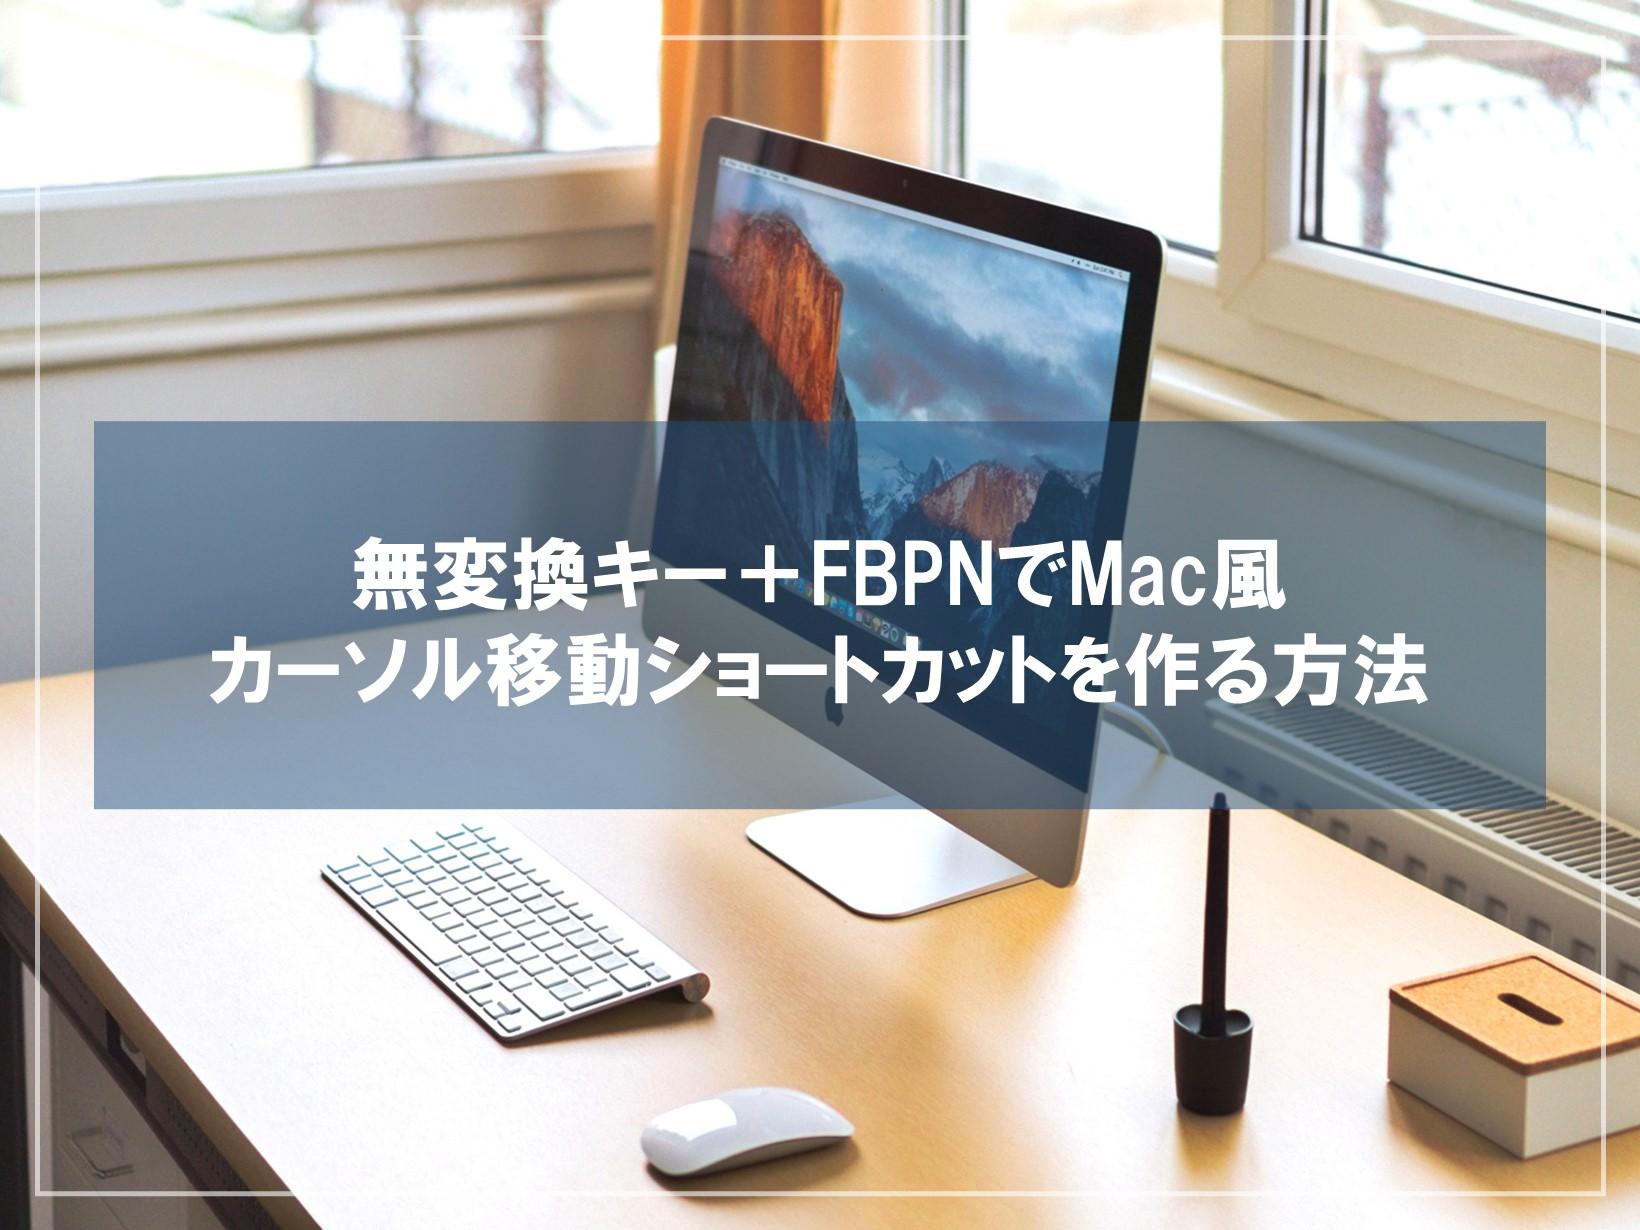 無変換キー+FBPNで「Mac風カーソル移動ショートカット」を作る方法